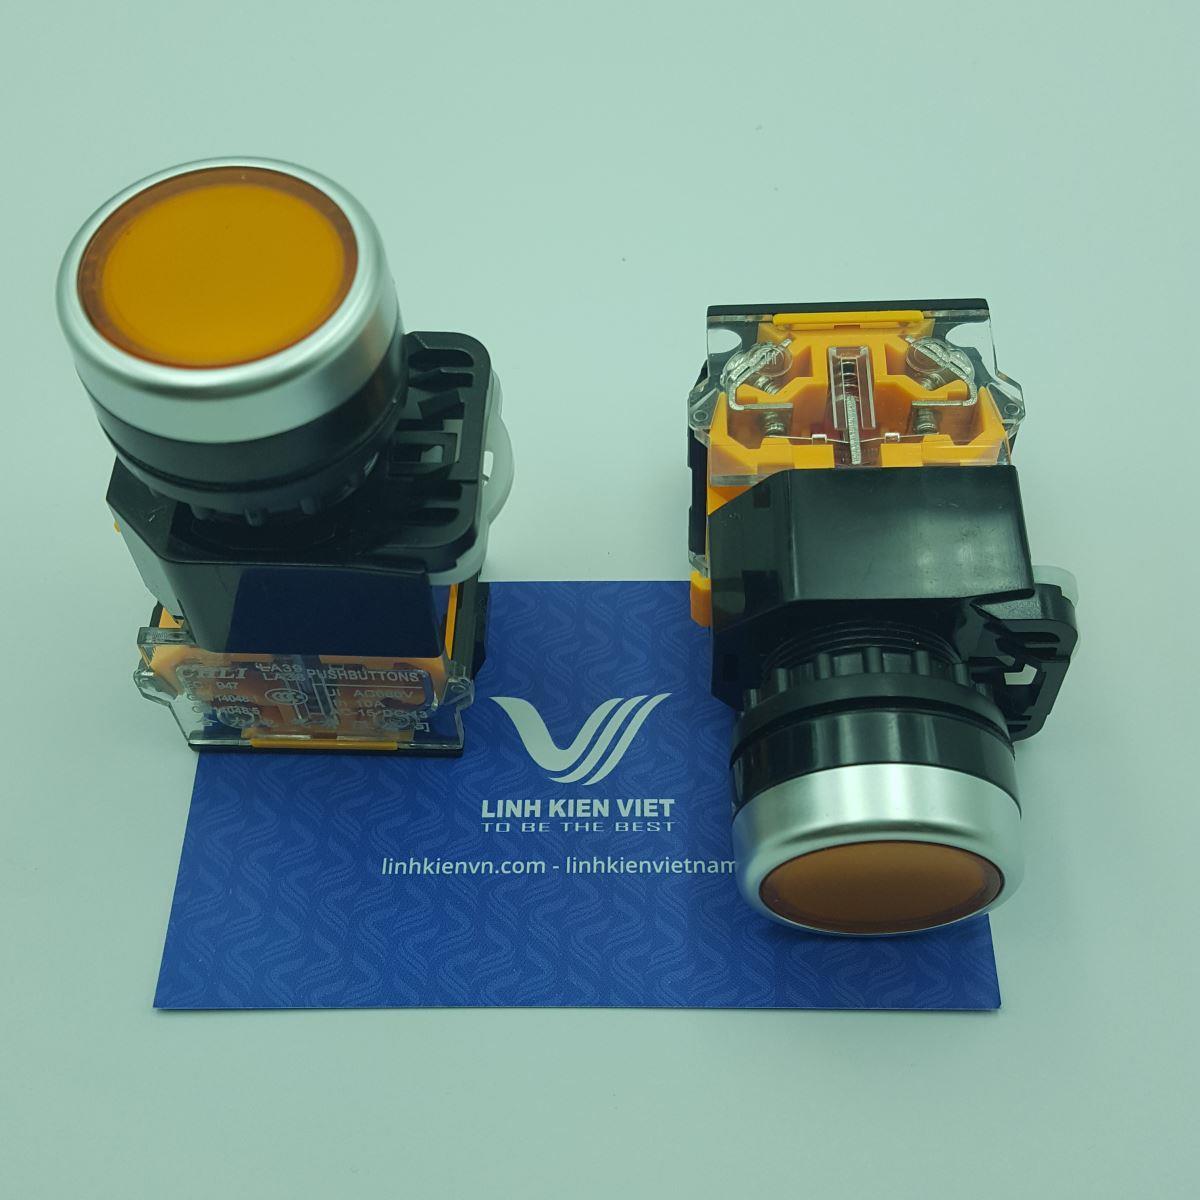 Nút nhấn LA38-11 22mm (Nhấn Nhả) màu vàng - J5H14